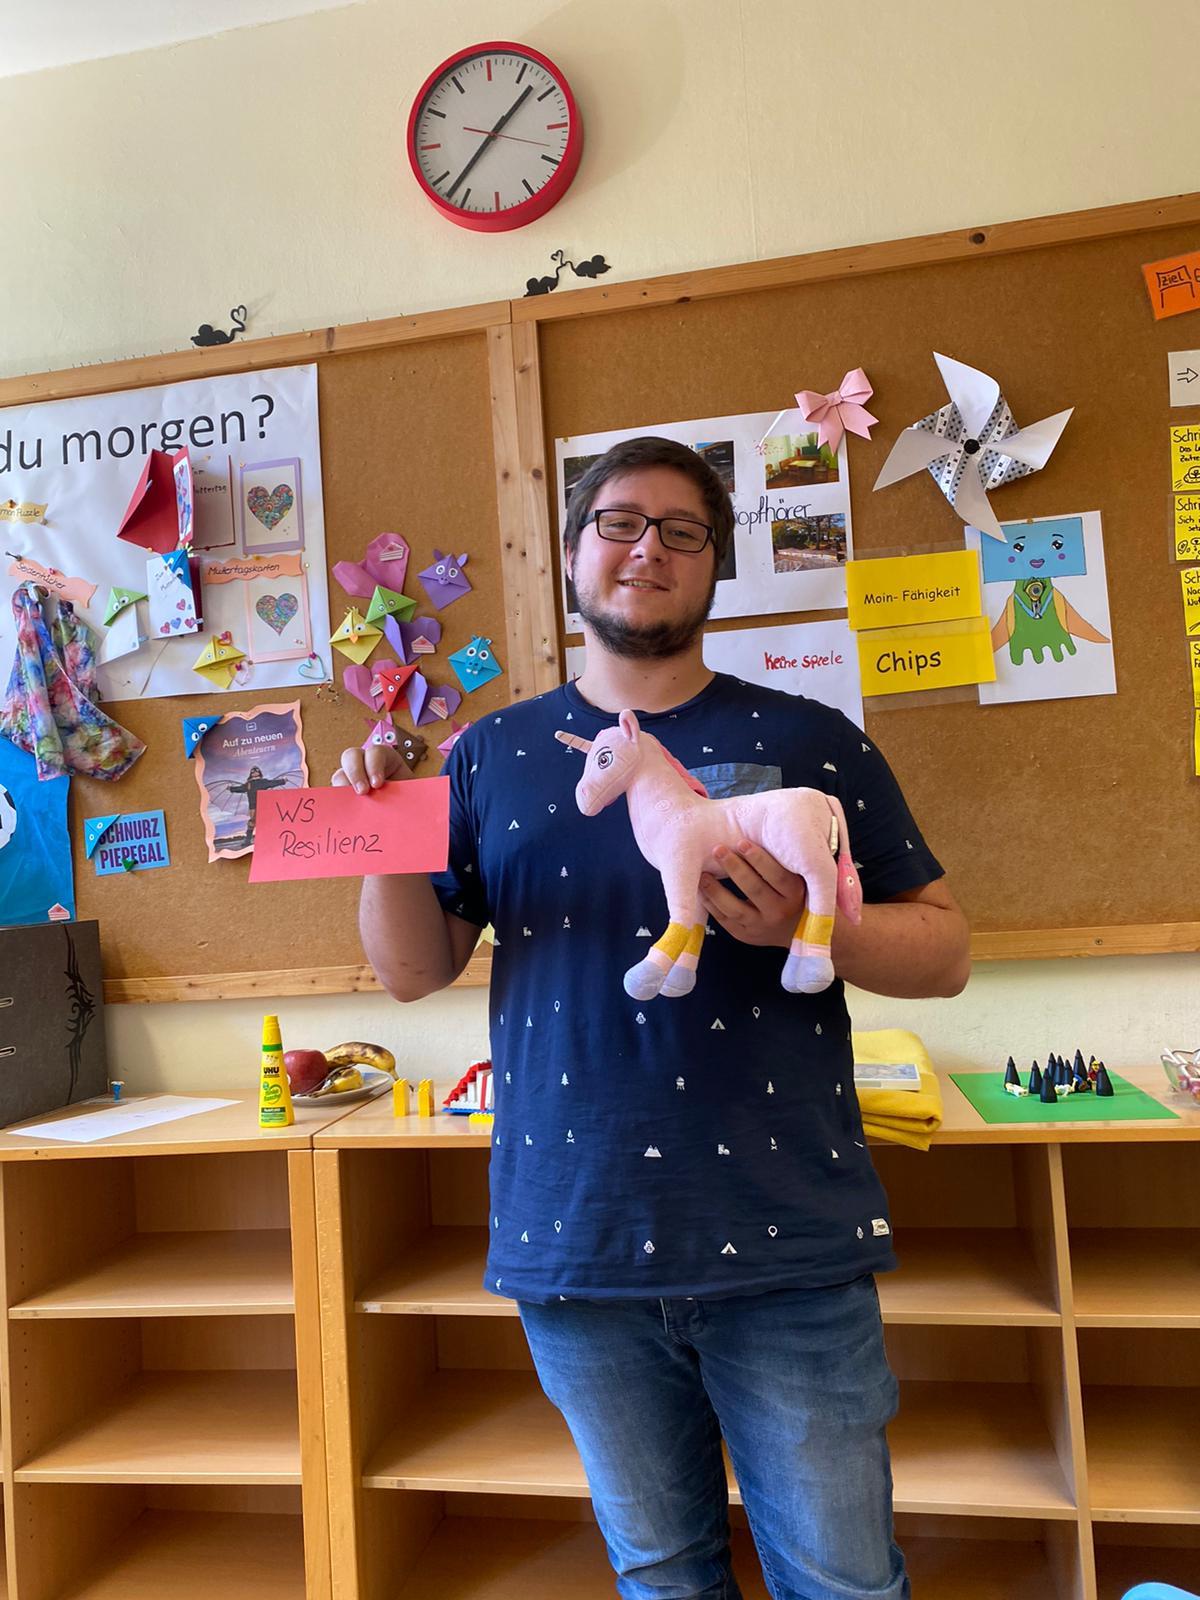 Alltag in der Offenen Ganztagsschule der RvT Forchheim